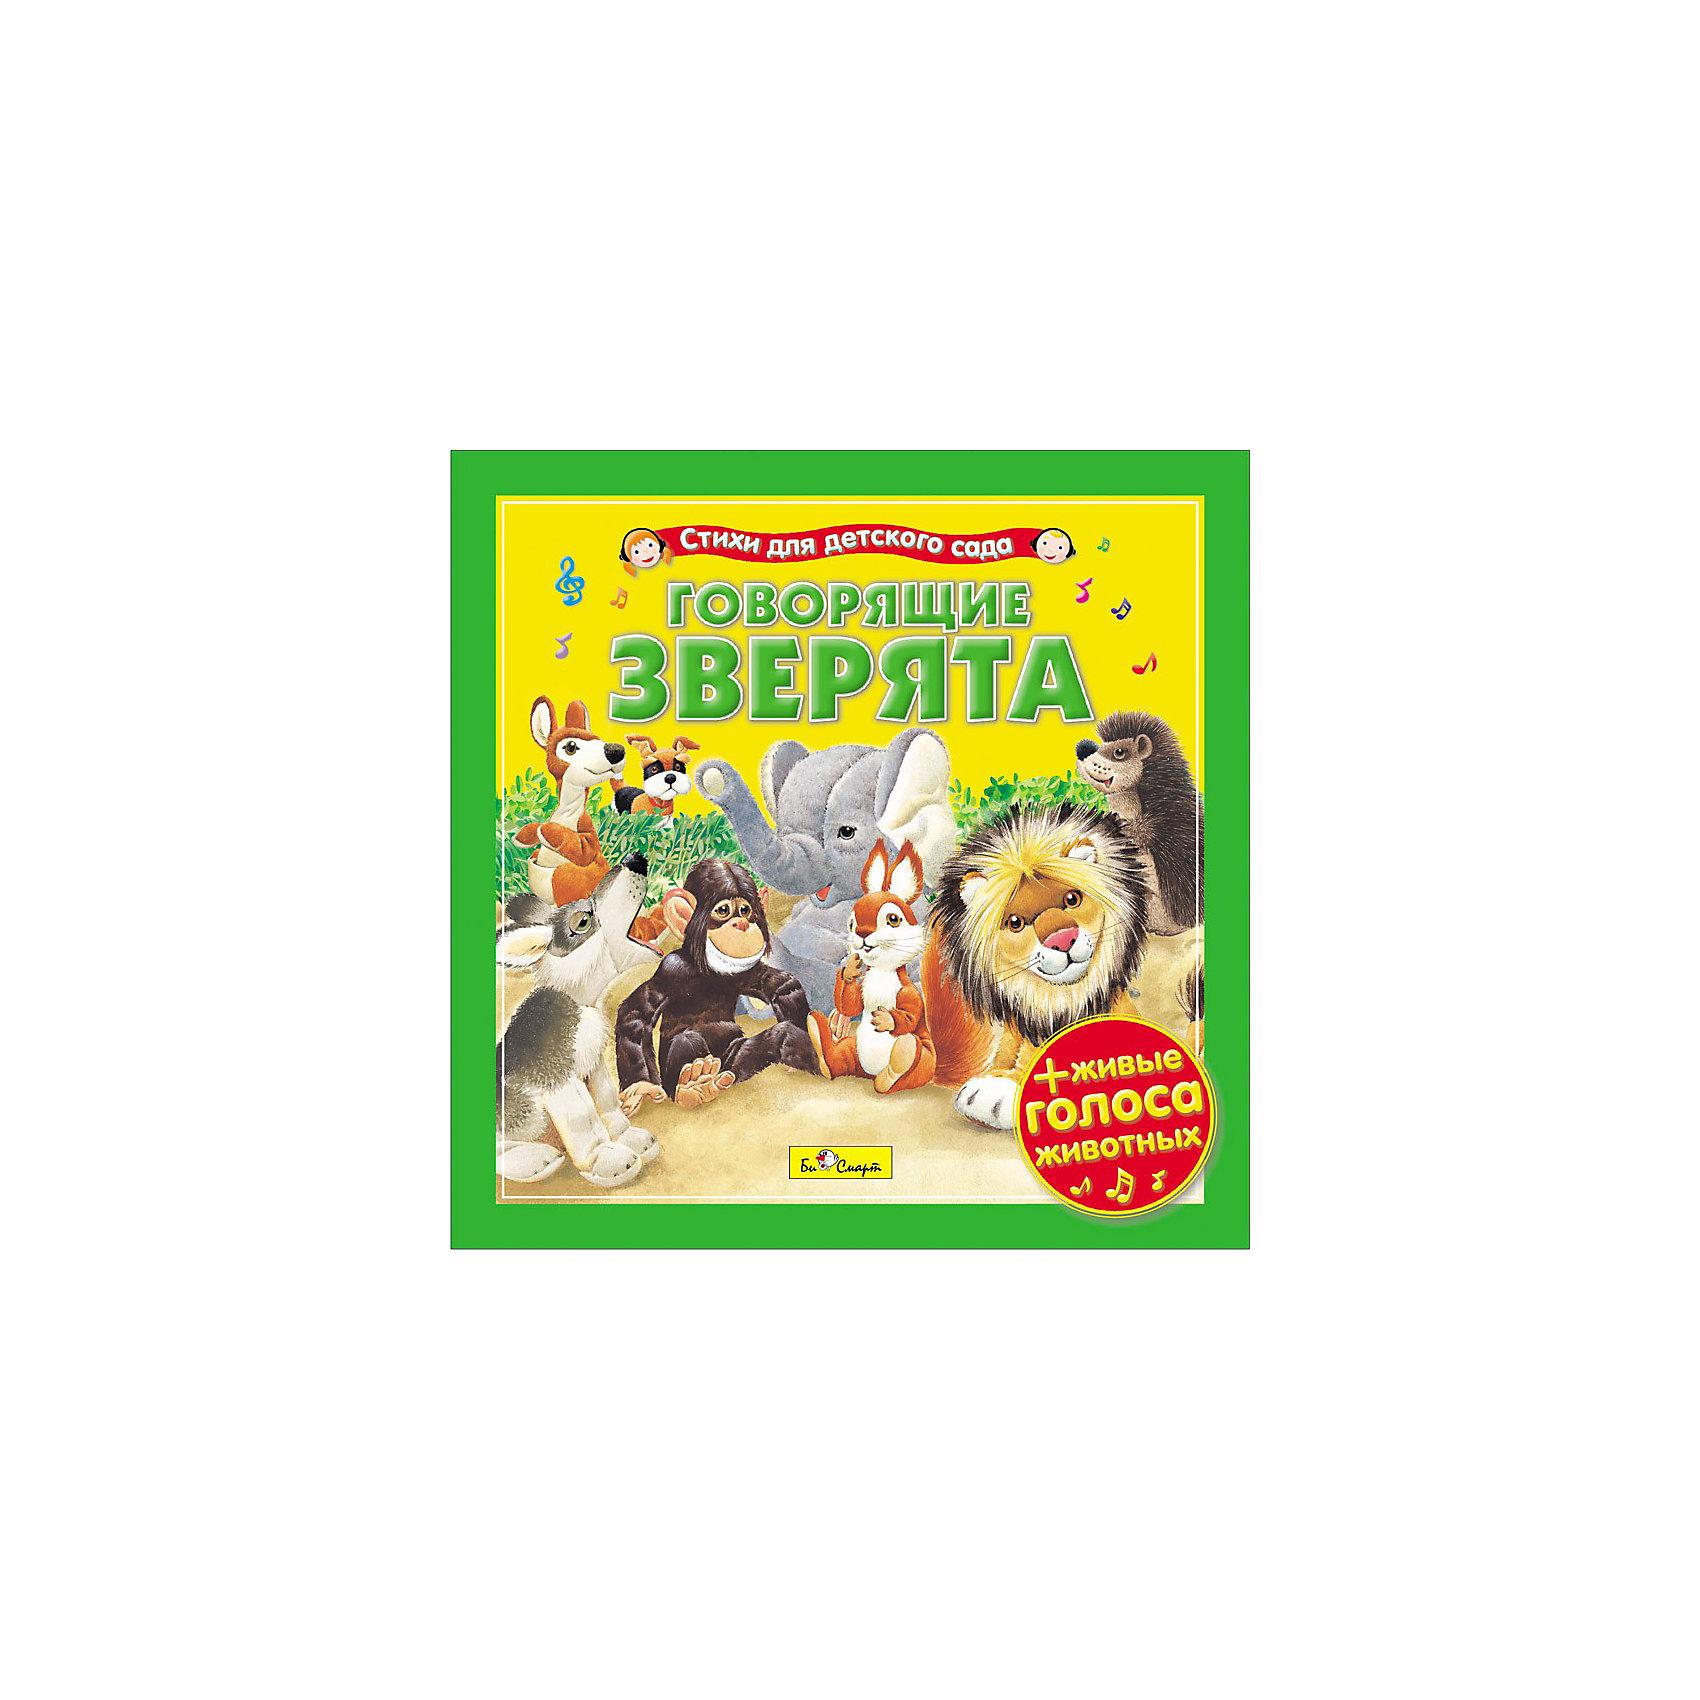 Би Смарт CD. Говорящие зверята (стихи для детского сада)